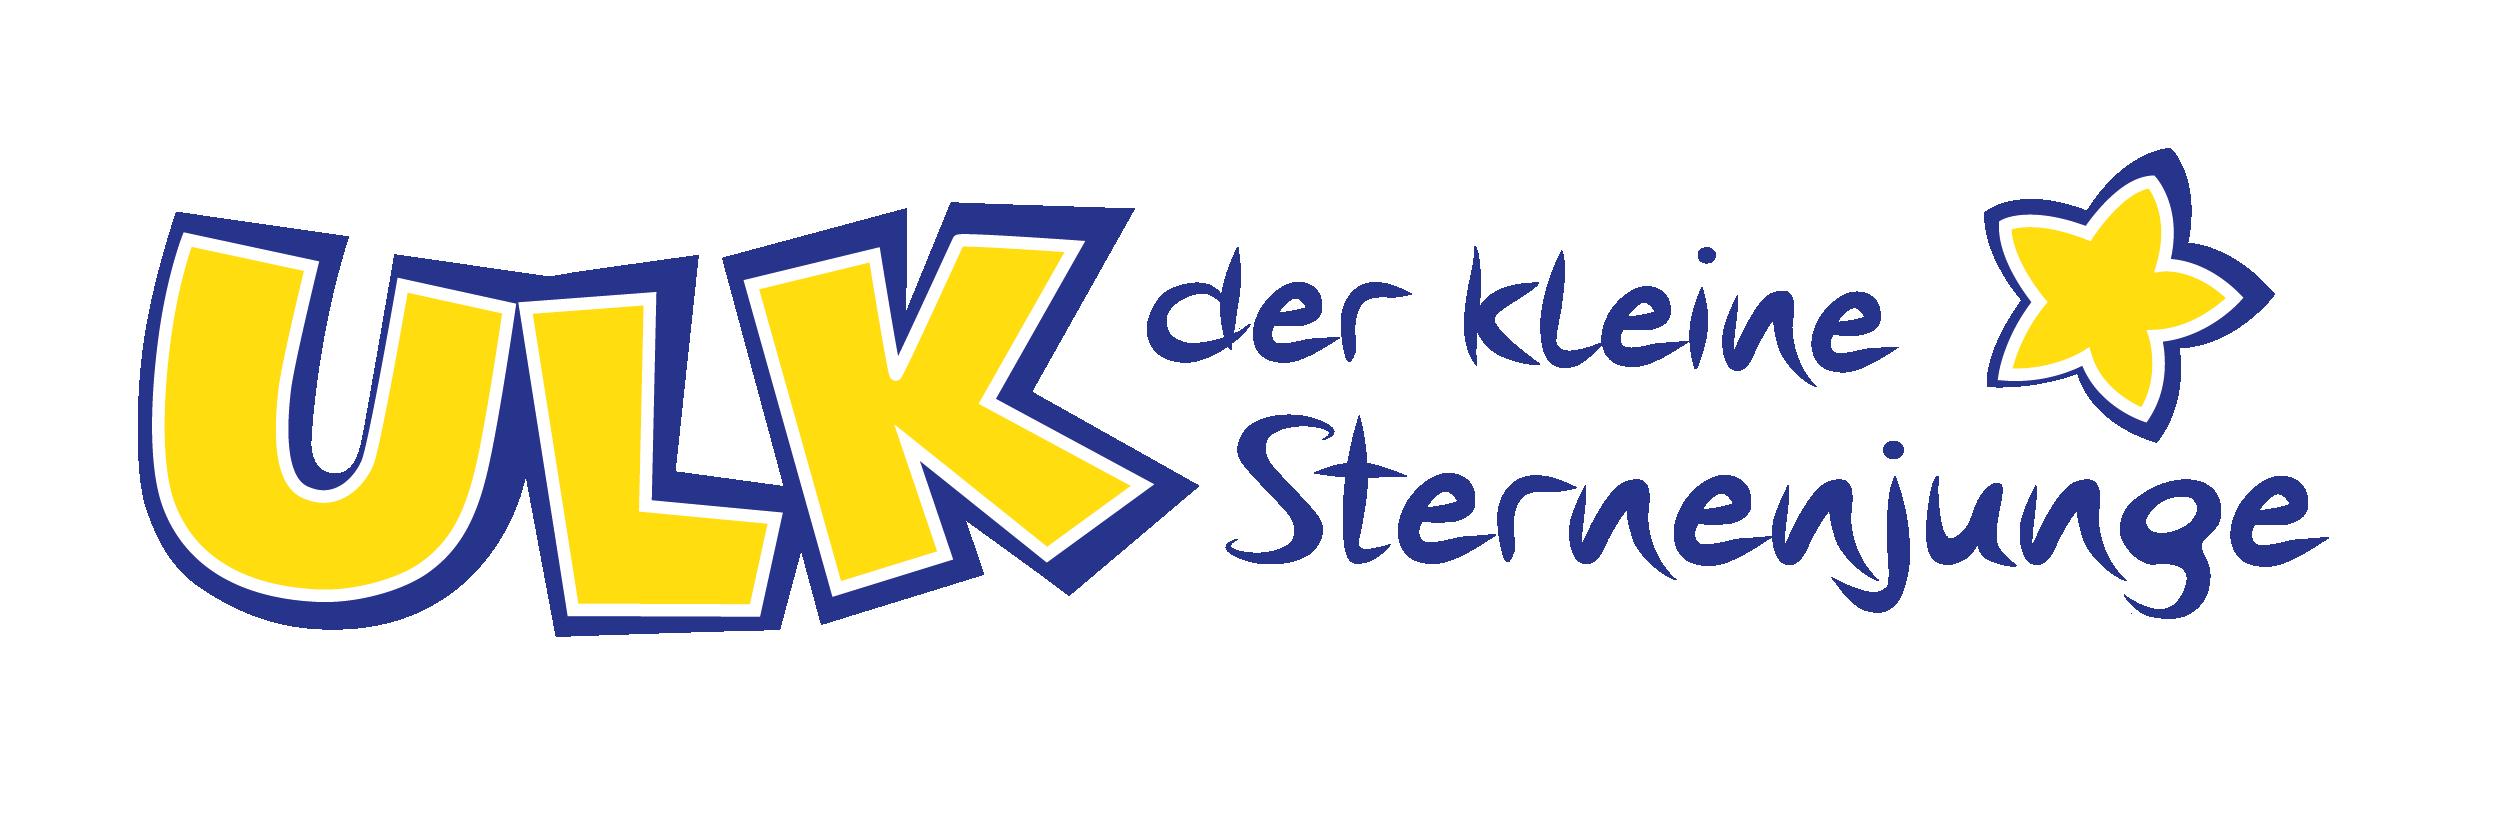 Ulk der kleine Sternenjunge Logo